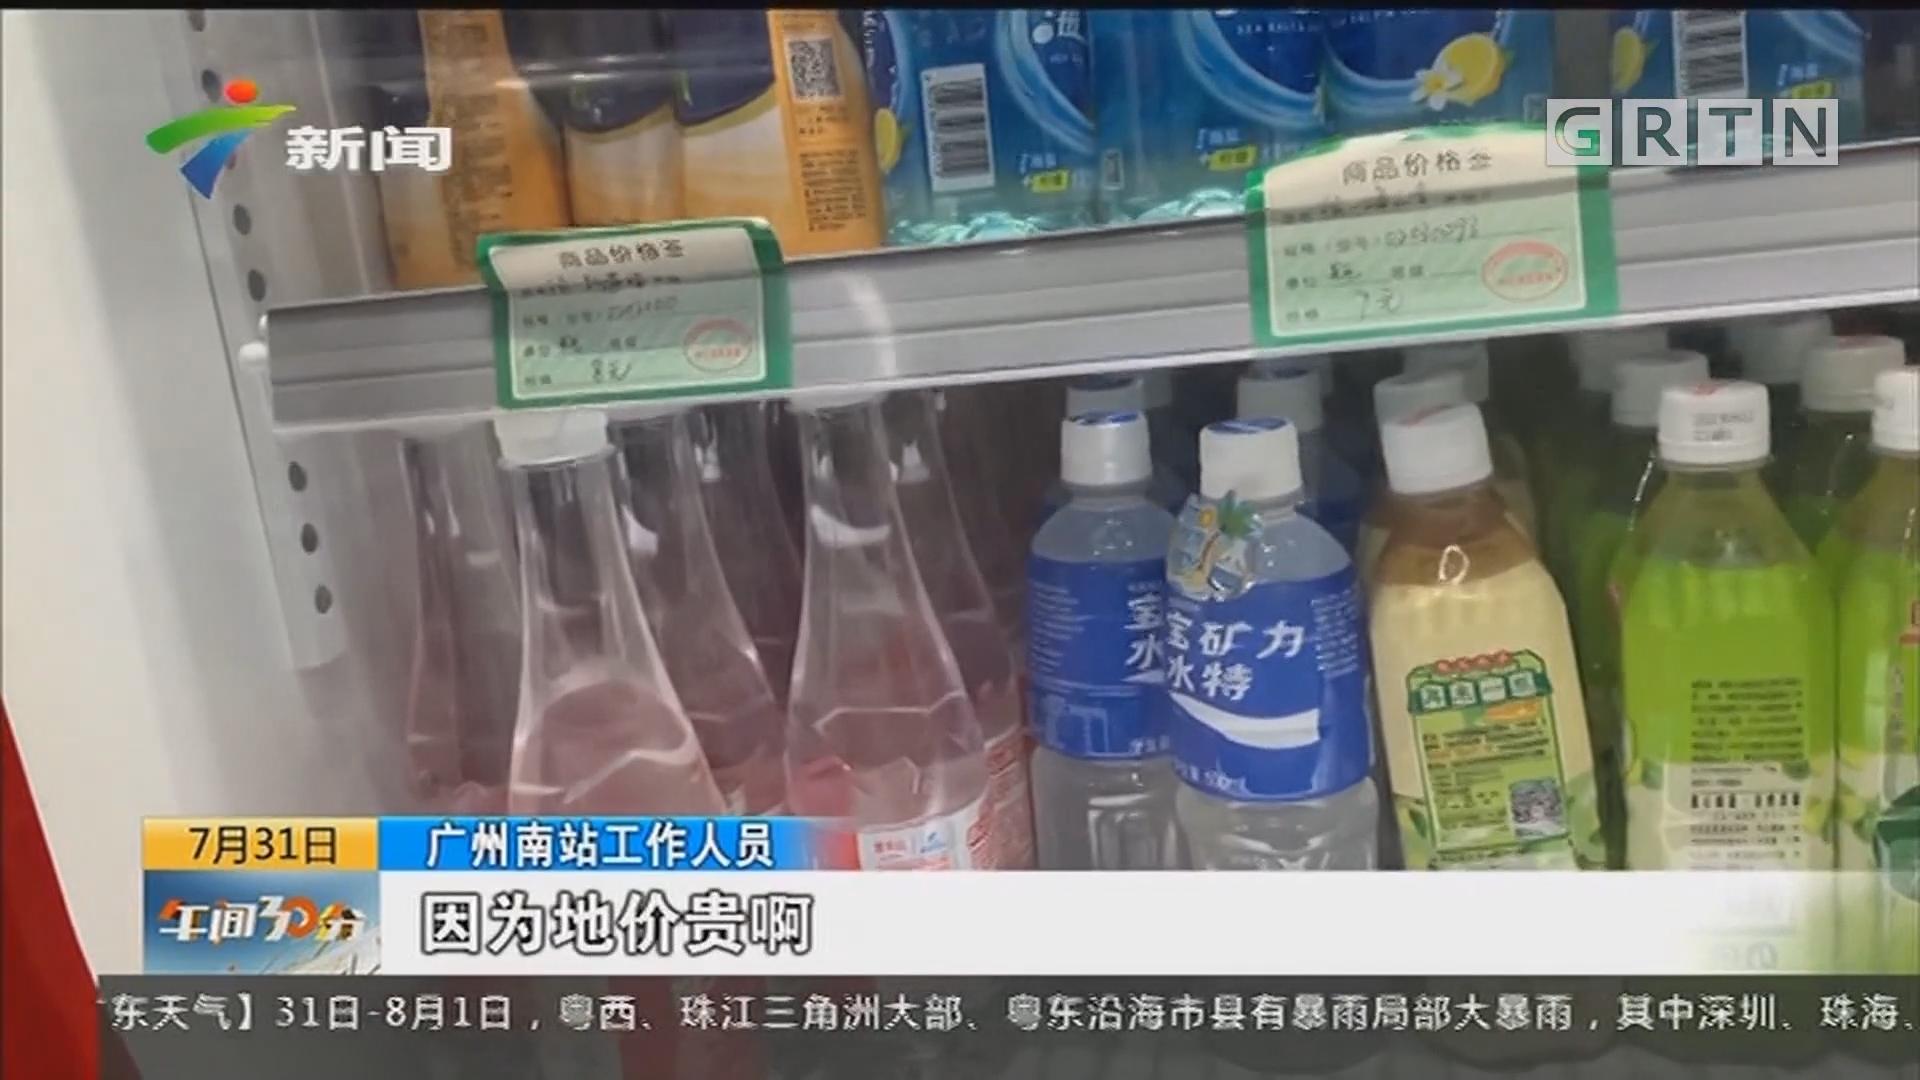 客运场所消费调查:餐饮价格贵 品种偏少 合理吗?